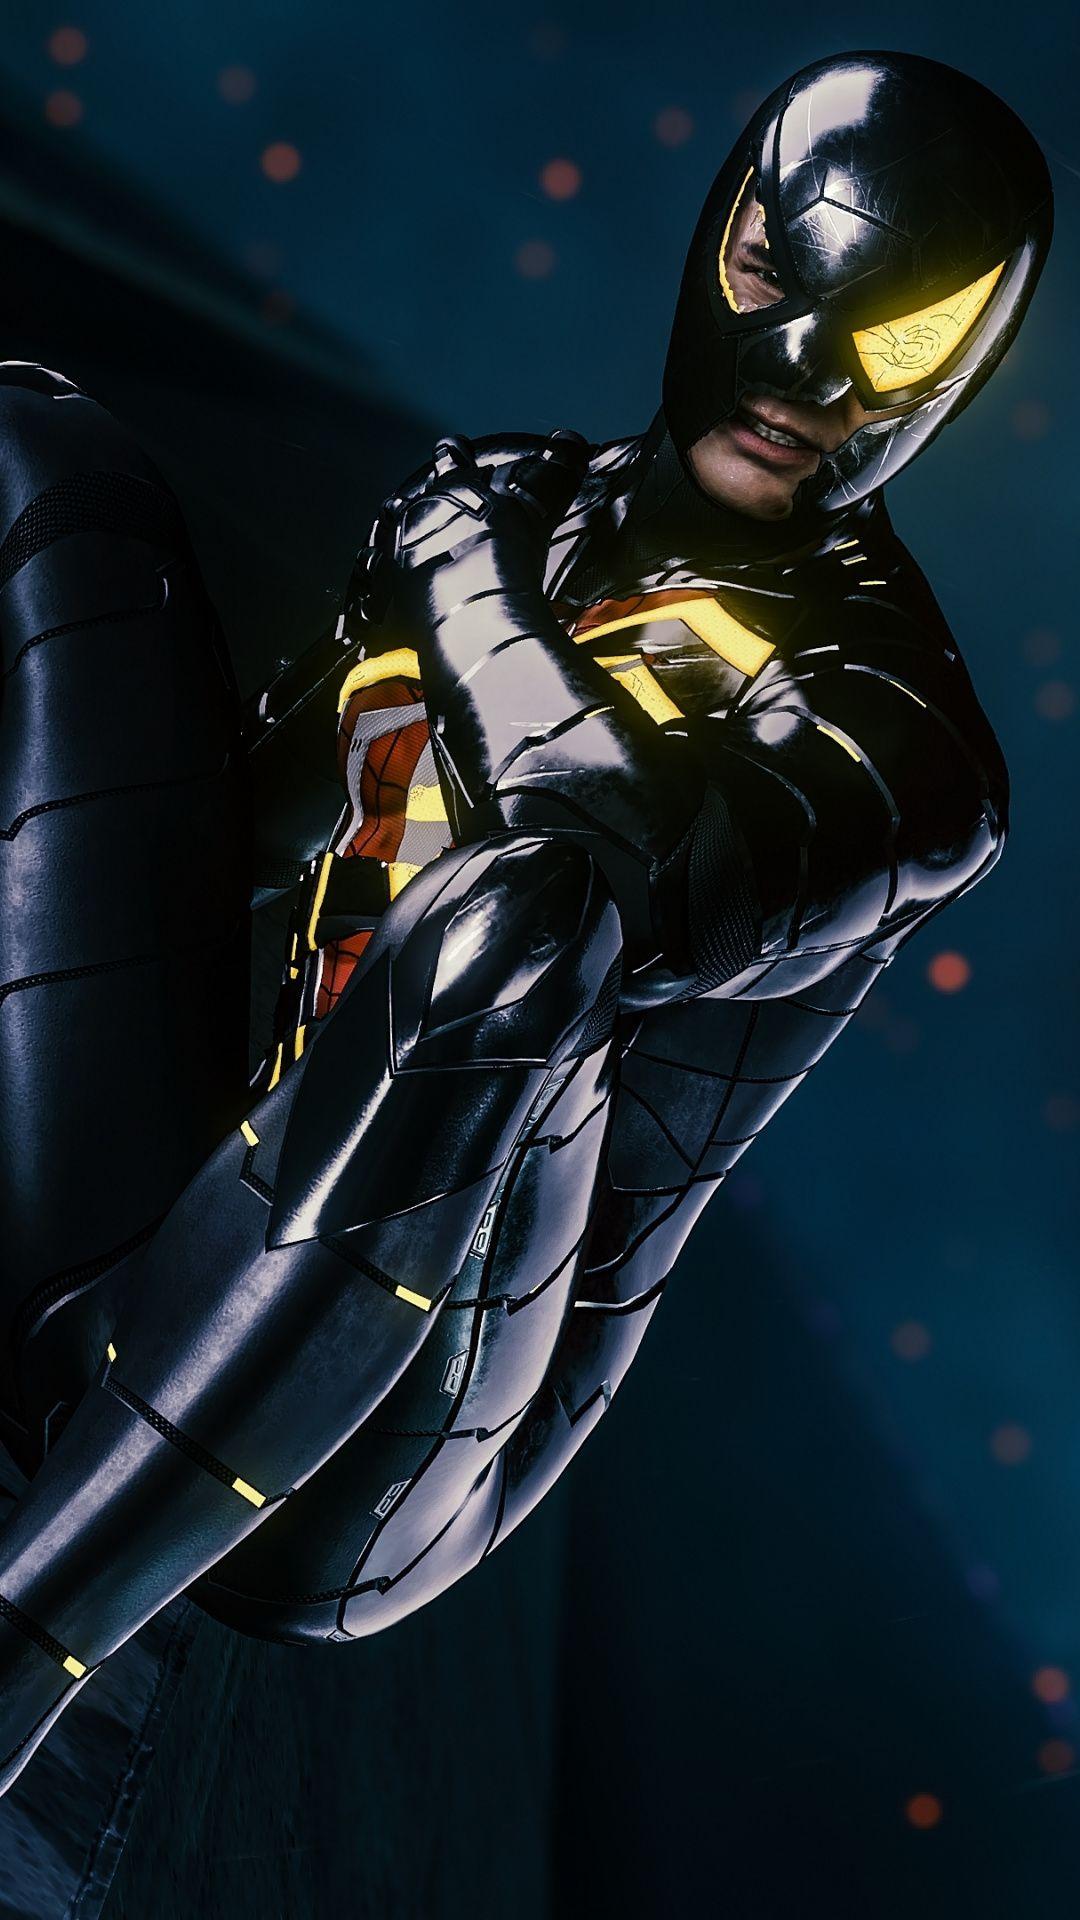 1080x1920 Game, dark suit, Spiderman PS4 wallpaper in